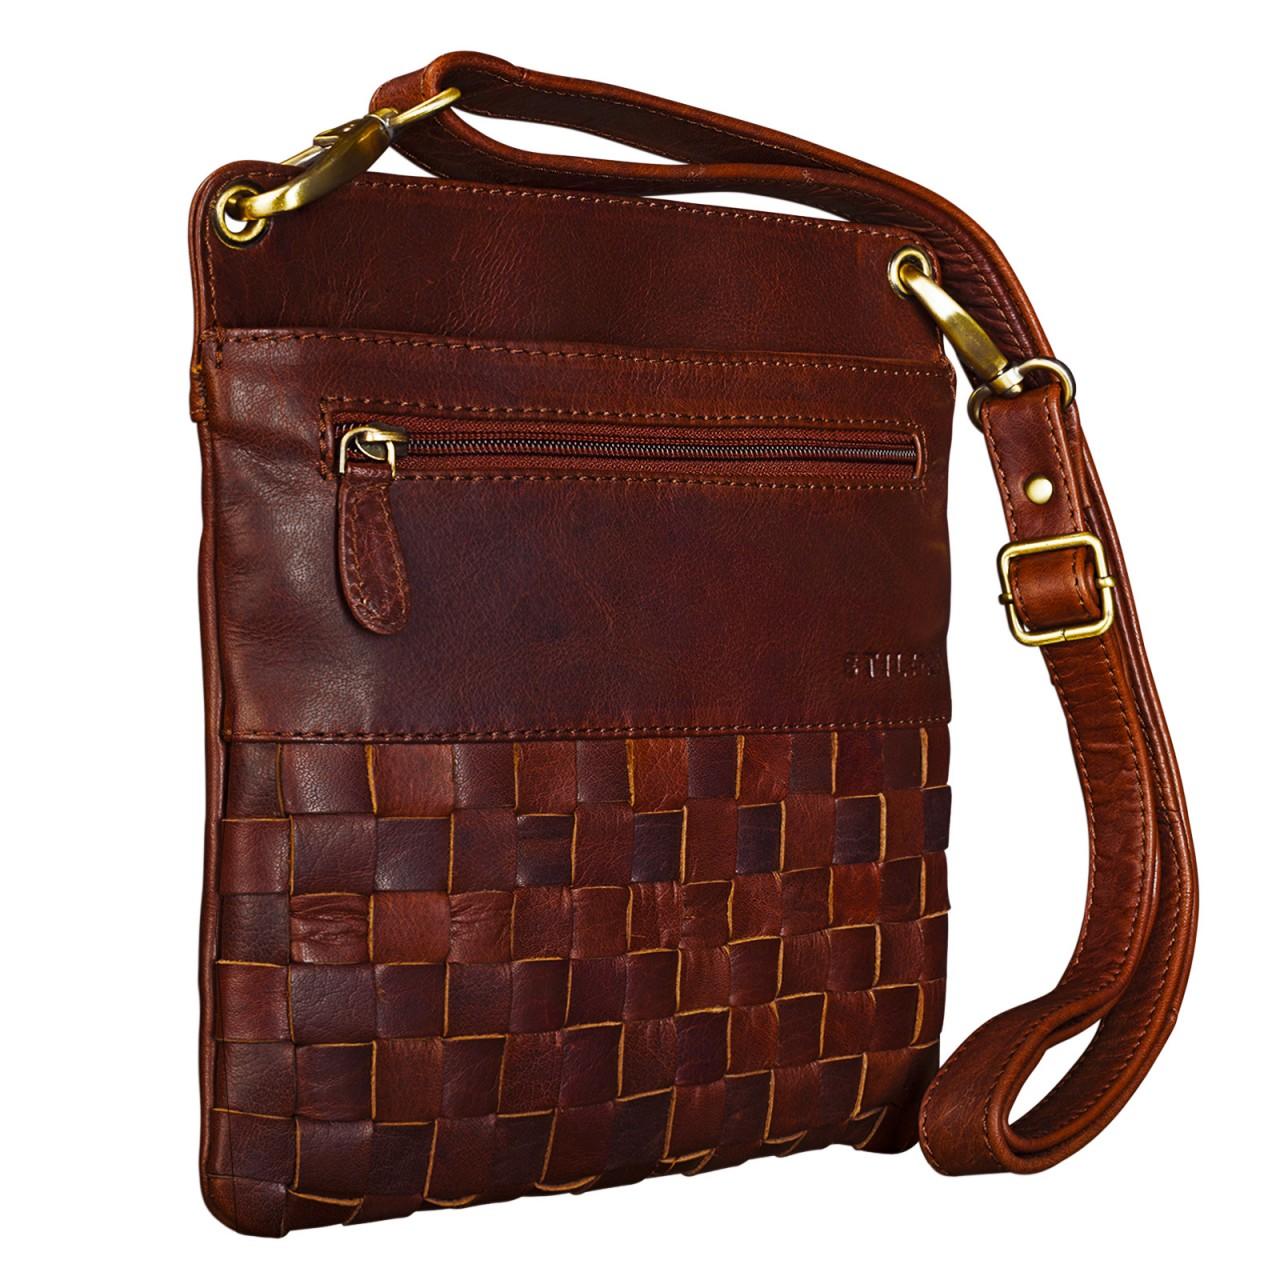 """STILORD """"Sophie"""" Schultertasche Damen klein Leder Handtasche moderne Umhängetasche geflochten Freizeittasche Vintage Abendtasche Ausgehtasche Echtleder - Bild 10"""